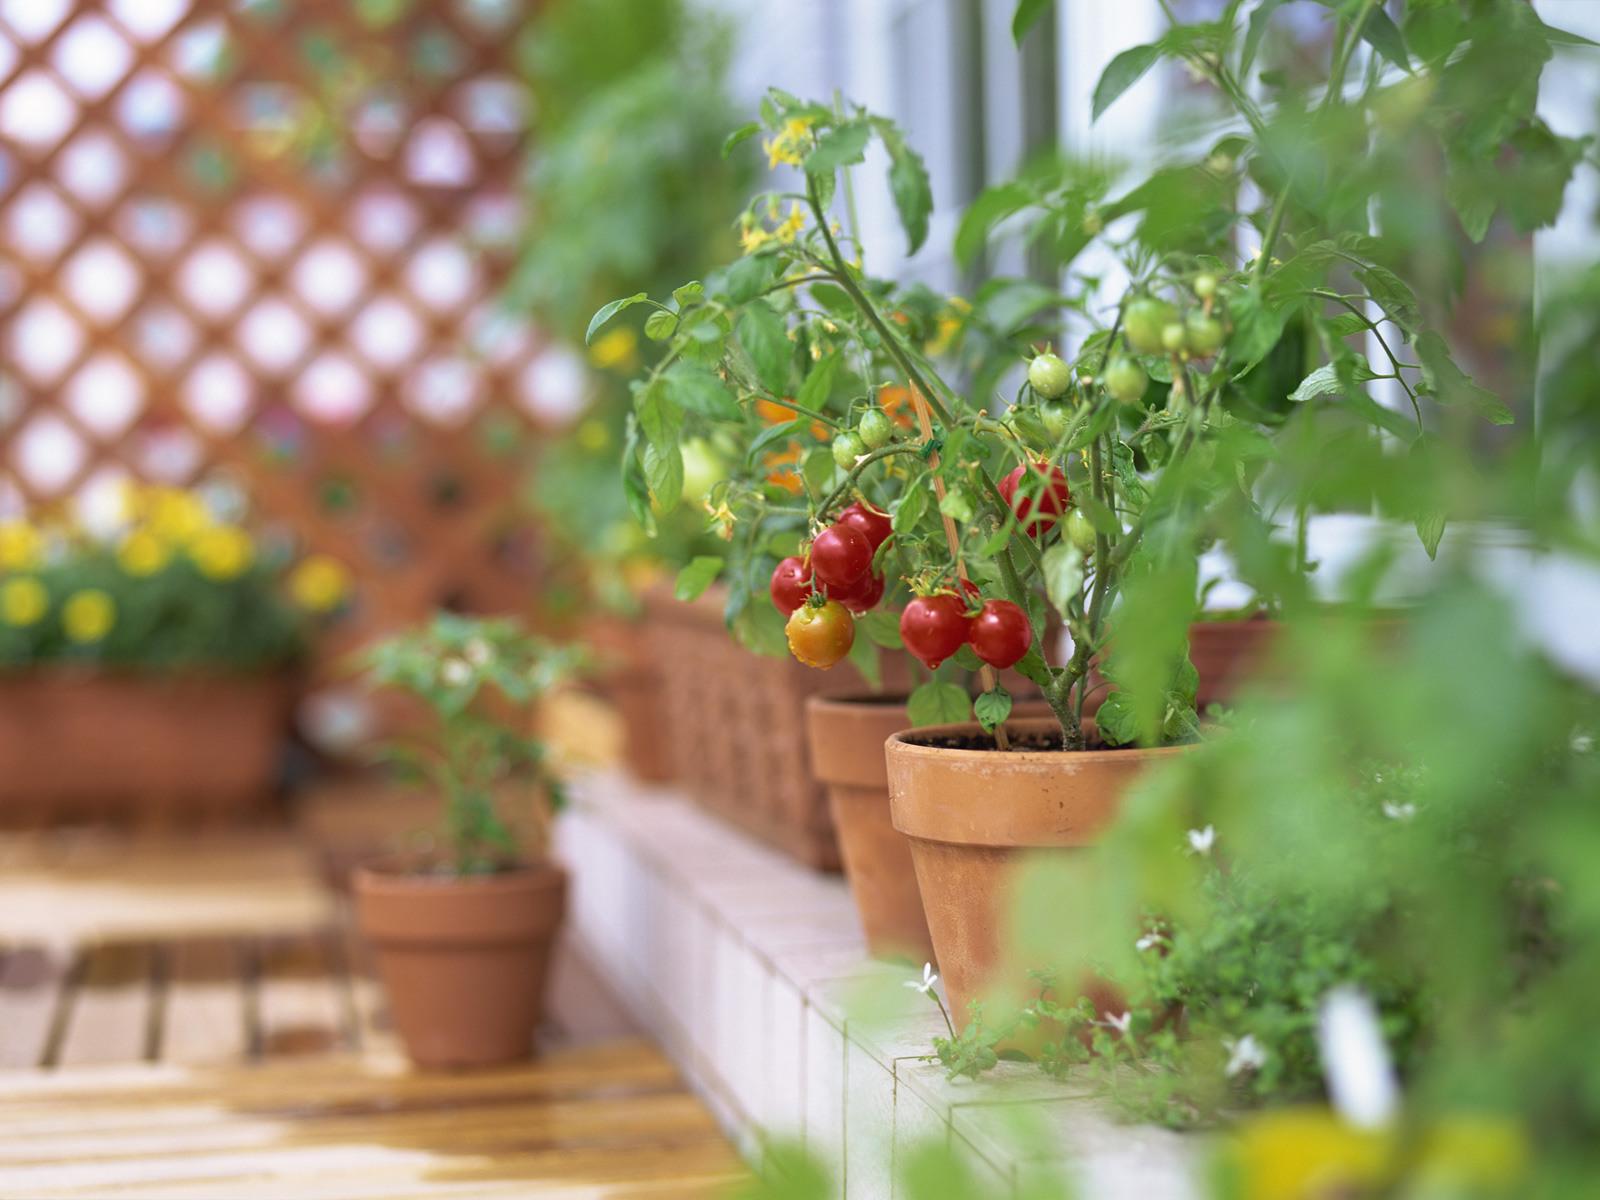 家庭菜園はマンションでも出来る!お手軽ベランダ家庭菜園をしよう★のサムネイル画像